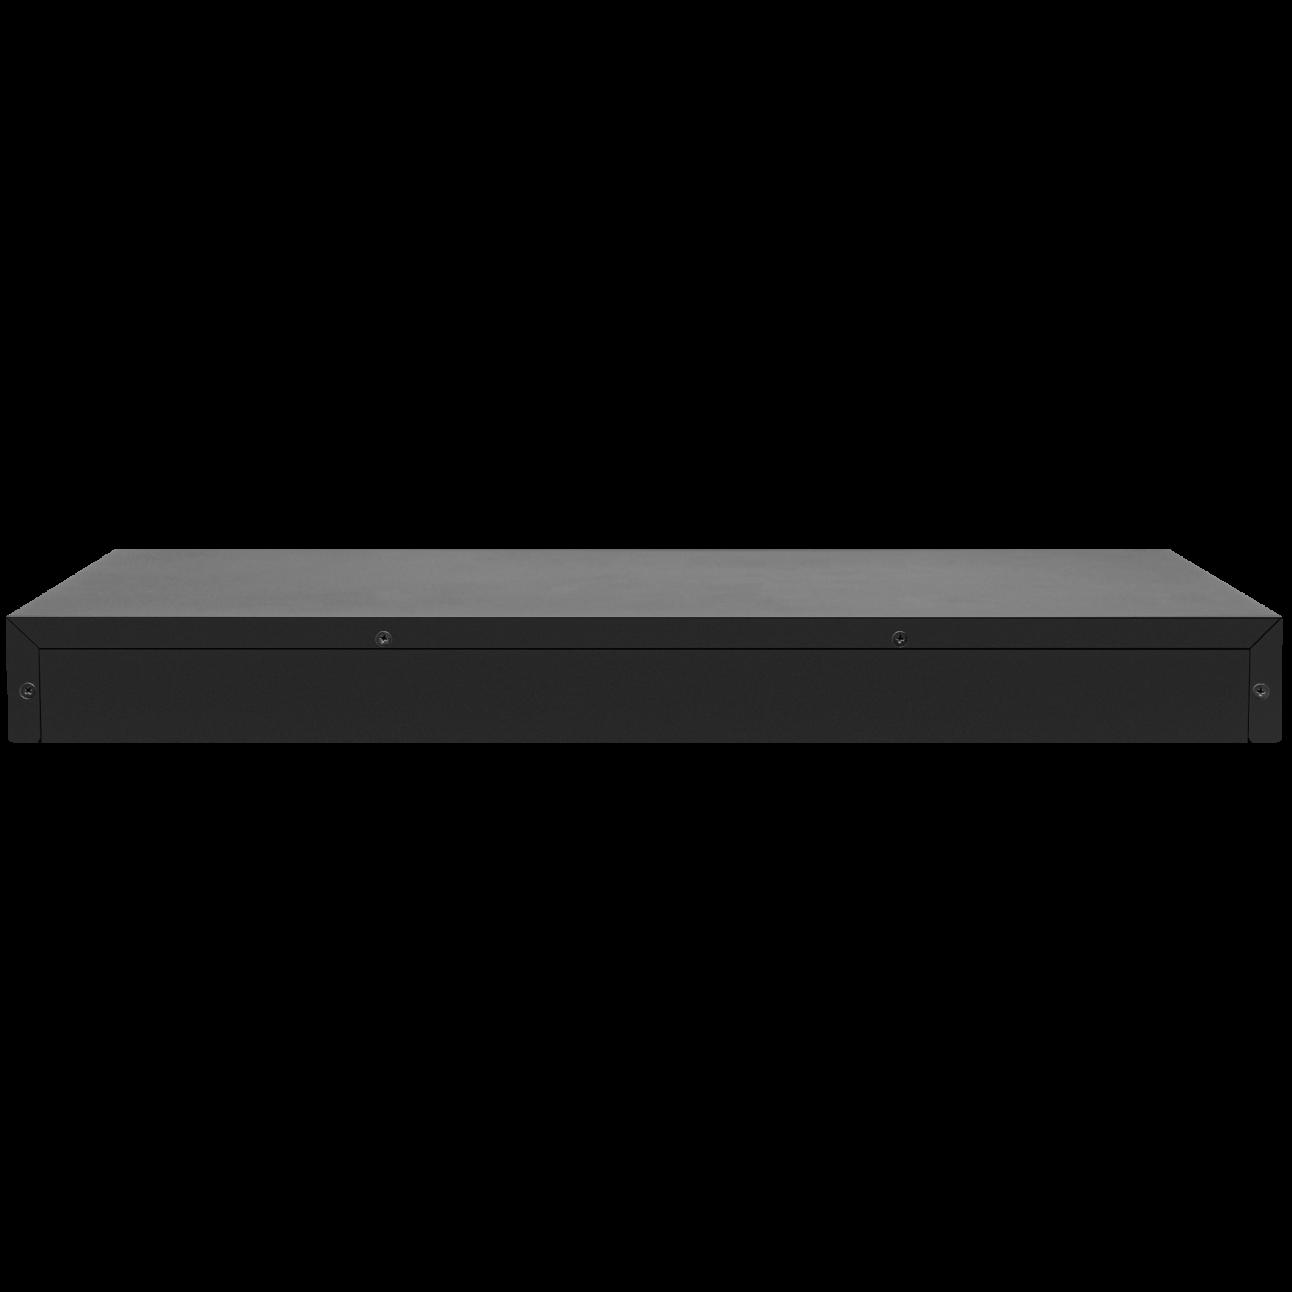 Управляемый коммутатор уровня 3 SNR-S3850G-24FX-UPS